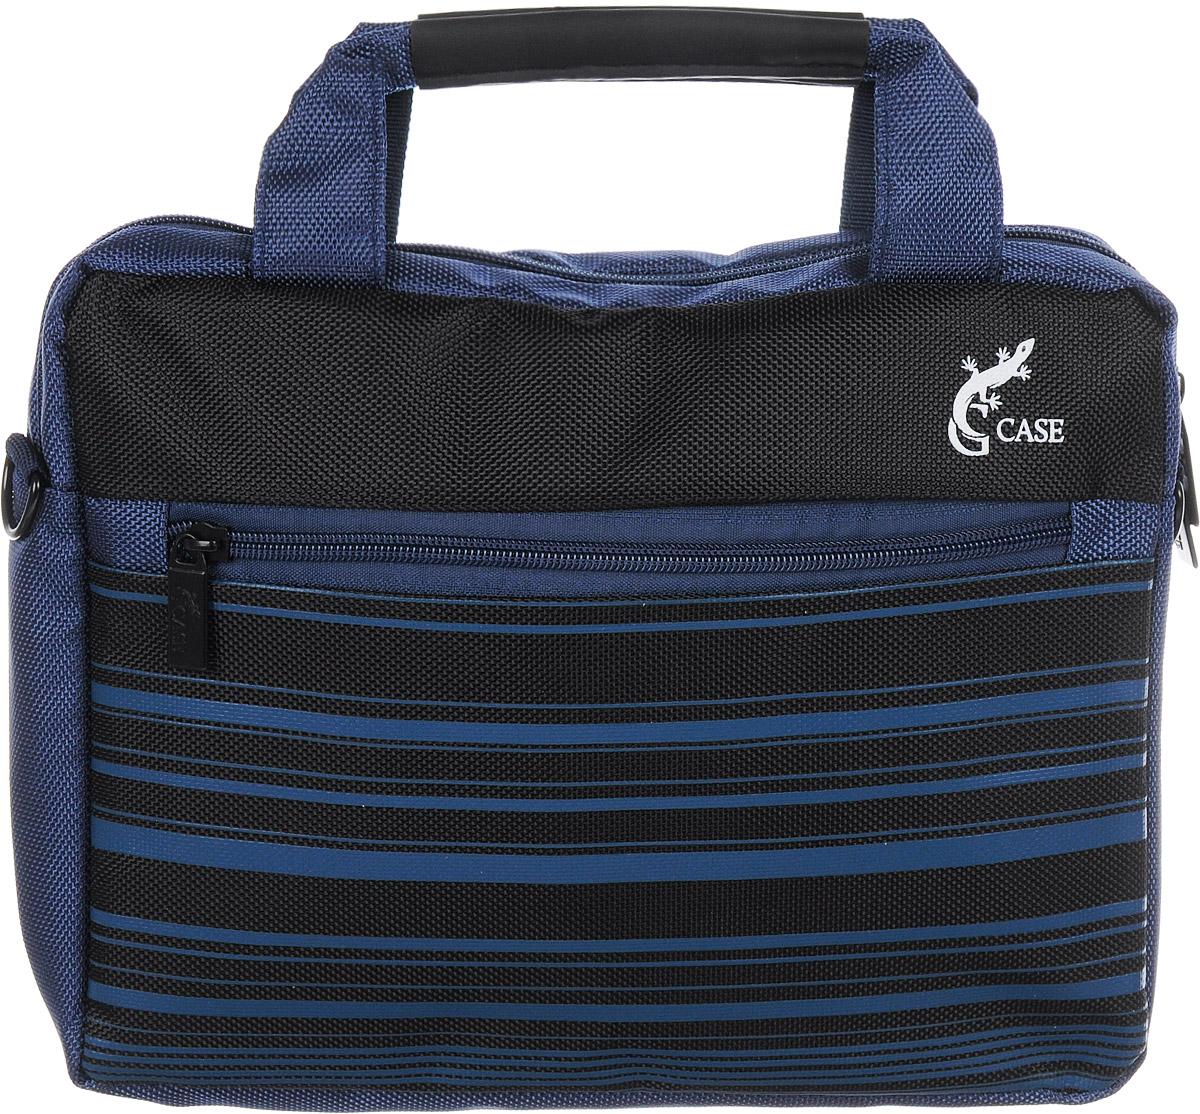 G-case GG-04 cумка для ноутбука 10-11,6, BlueCM000000606Сумка для ноутбука G-case с вертикальной загрузкой и с ручкой для переноски на плече. Стенки сумки выполнены из пенообразного материала, благодаря чему Ваш ноутбук защищён от пыли, царапин и ударов.